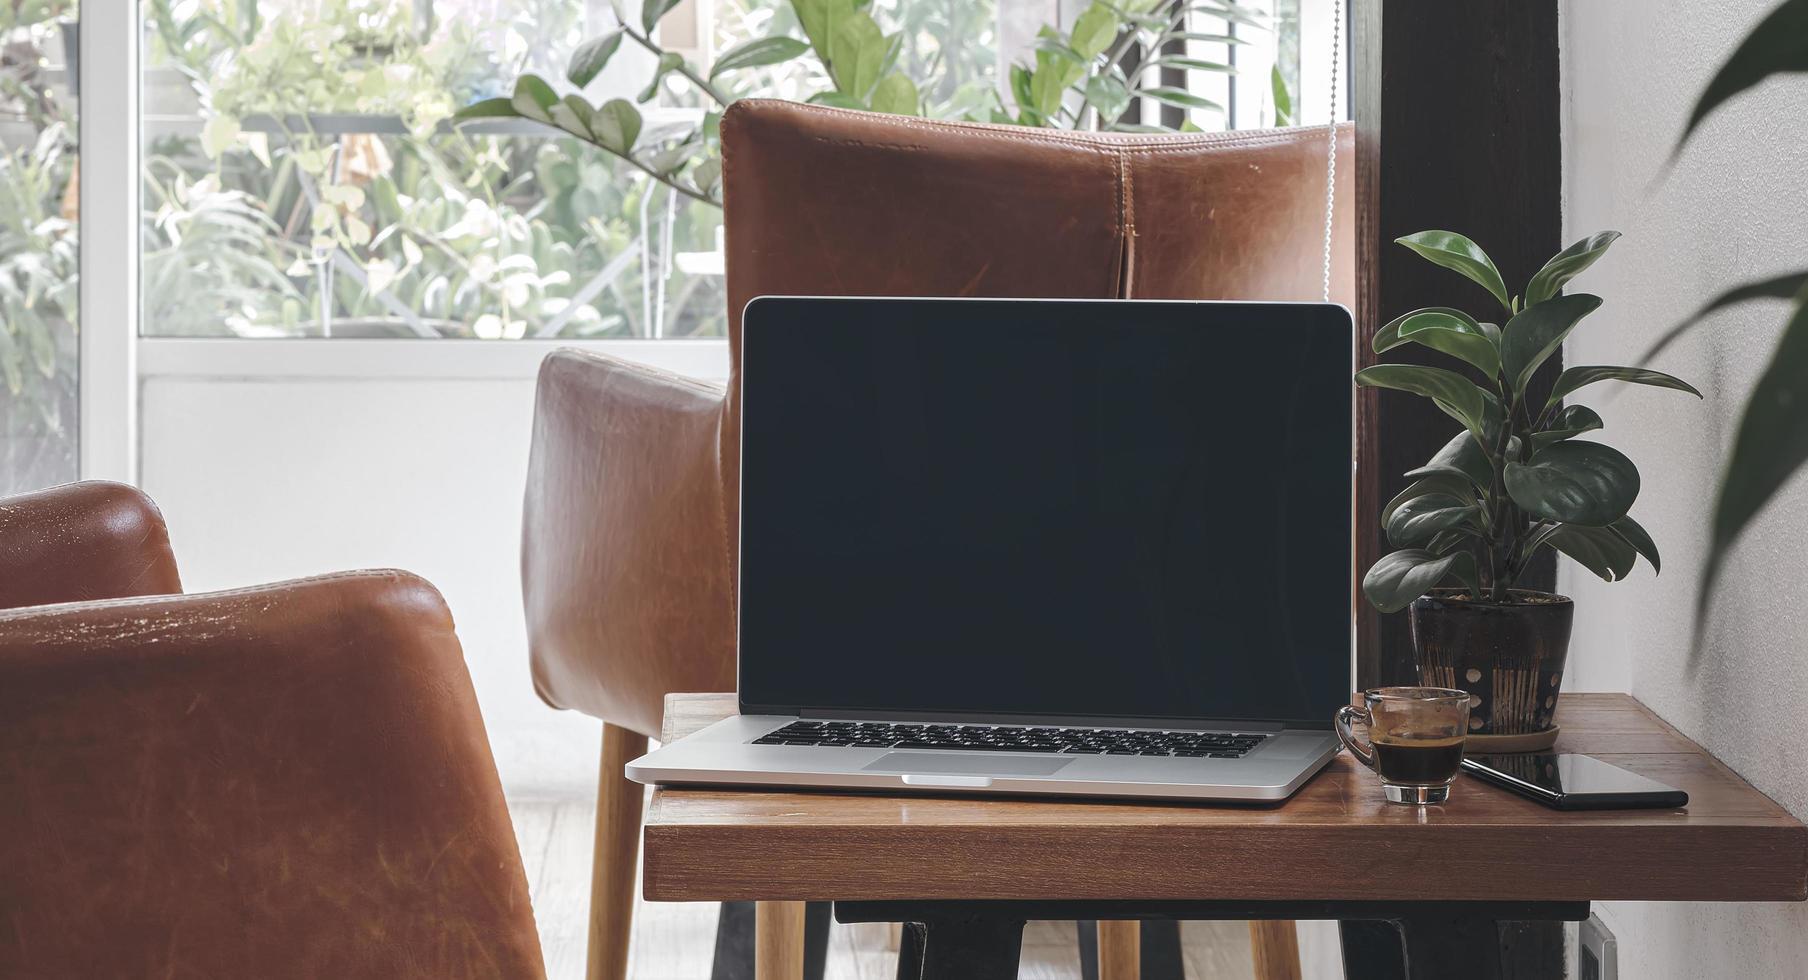 ordinateur portable avec expresso et téléphone dans le salon photo